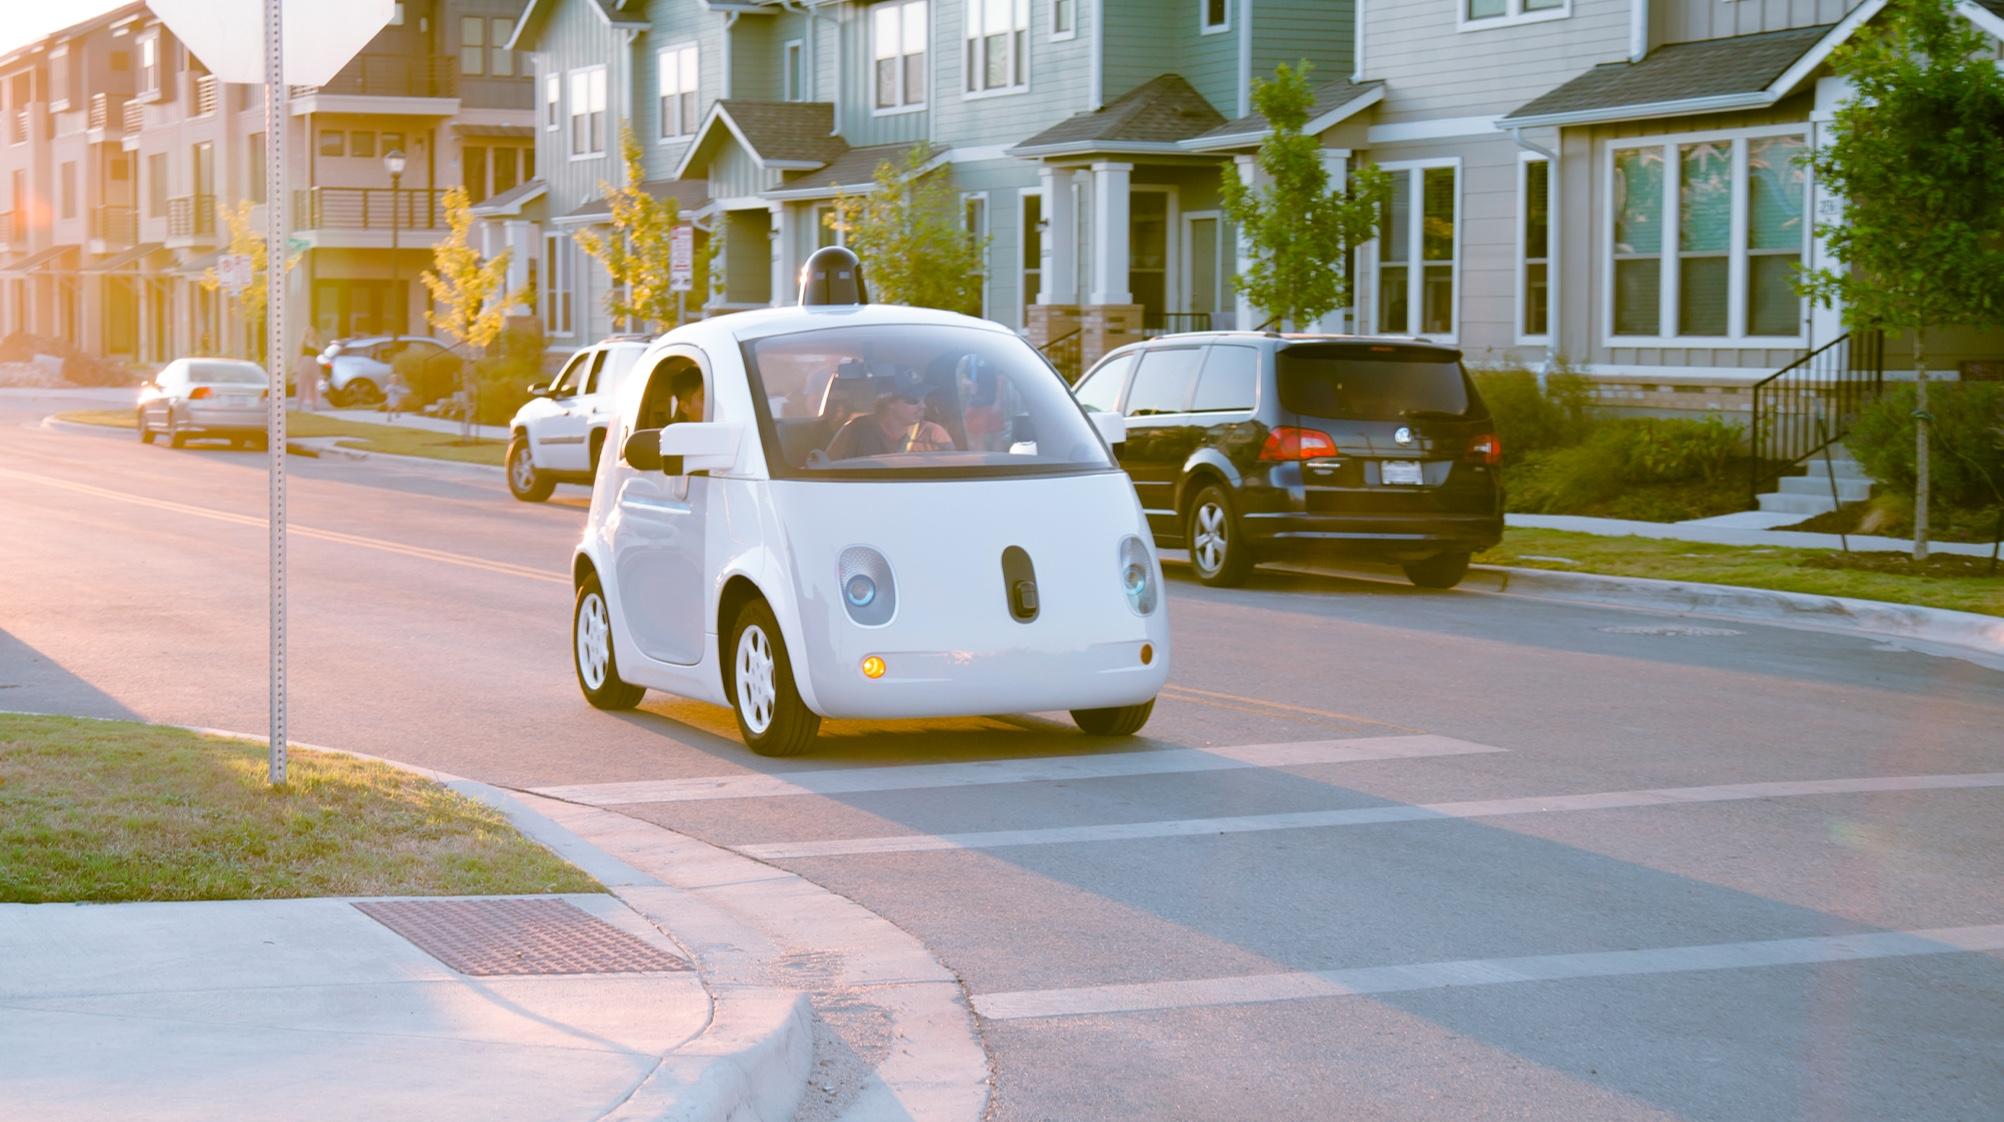 Waymos selvkjørende biler blir smartere for hver gang føreren må gripe inn, noe som skjer stadig sjeldnere.